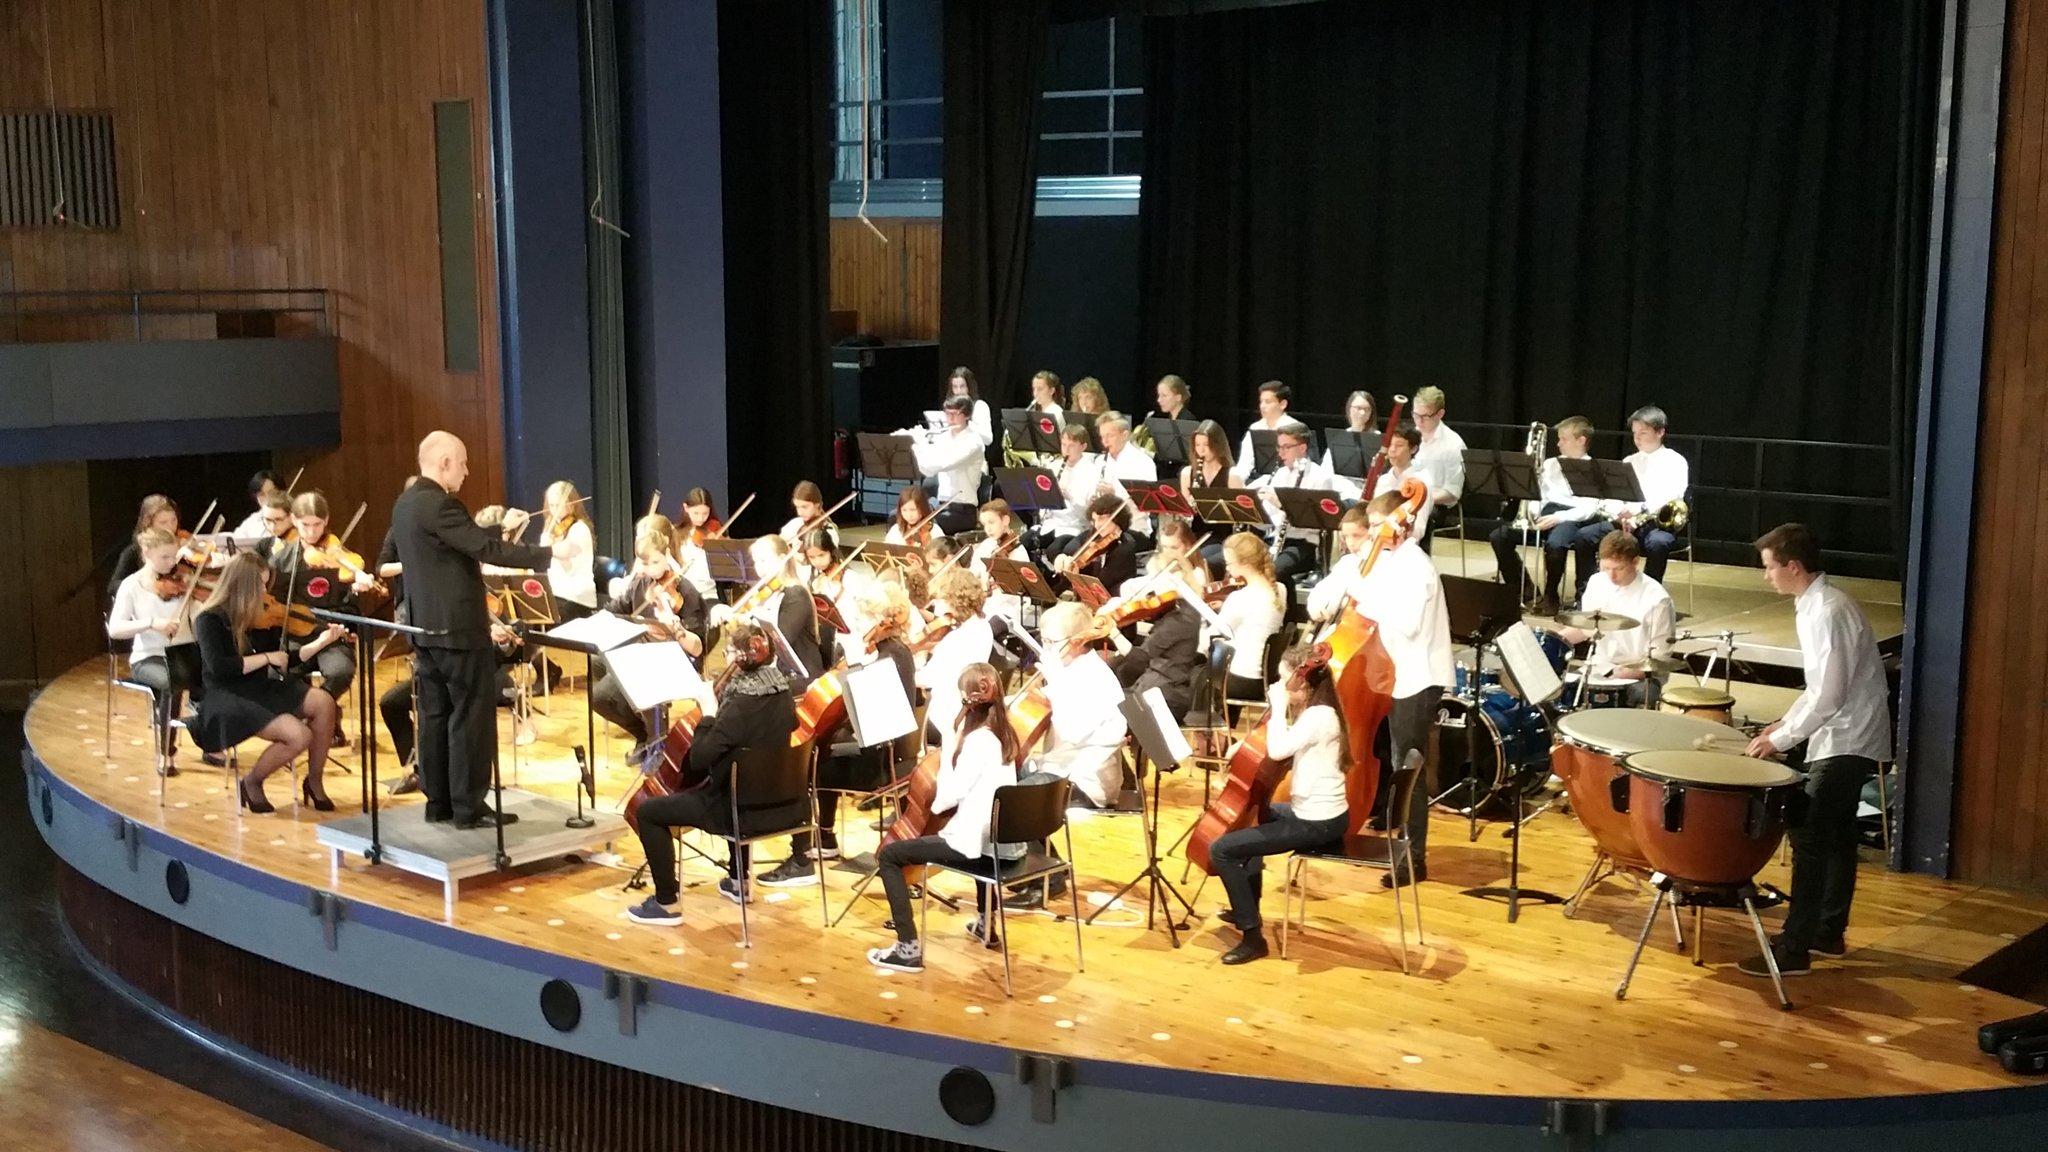 Jugendsinfonieorchester der Musikschule #Herrenberg https://t.co/jxAJ4e9KZq